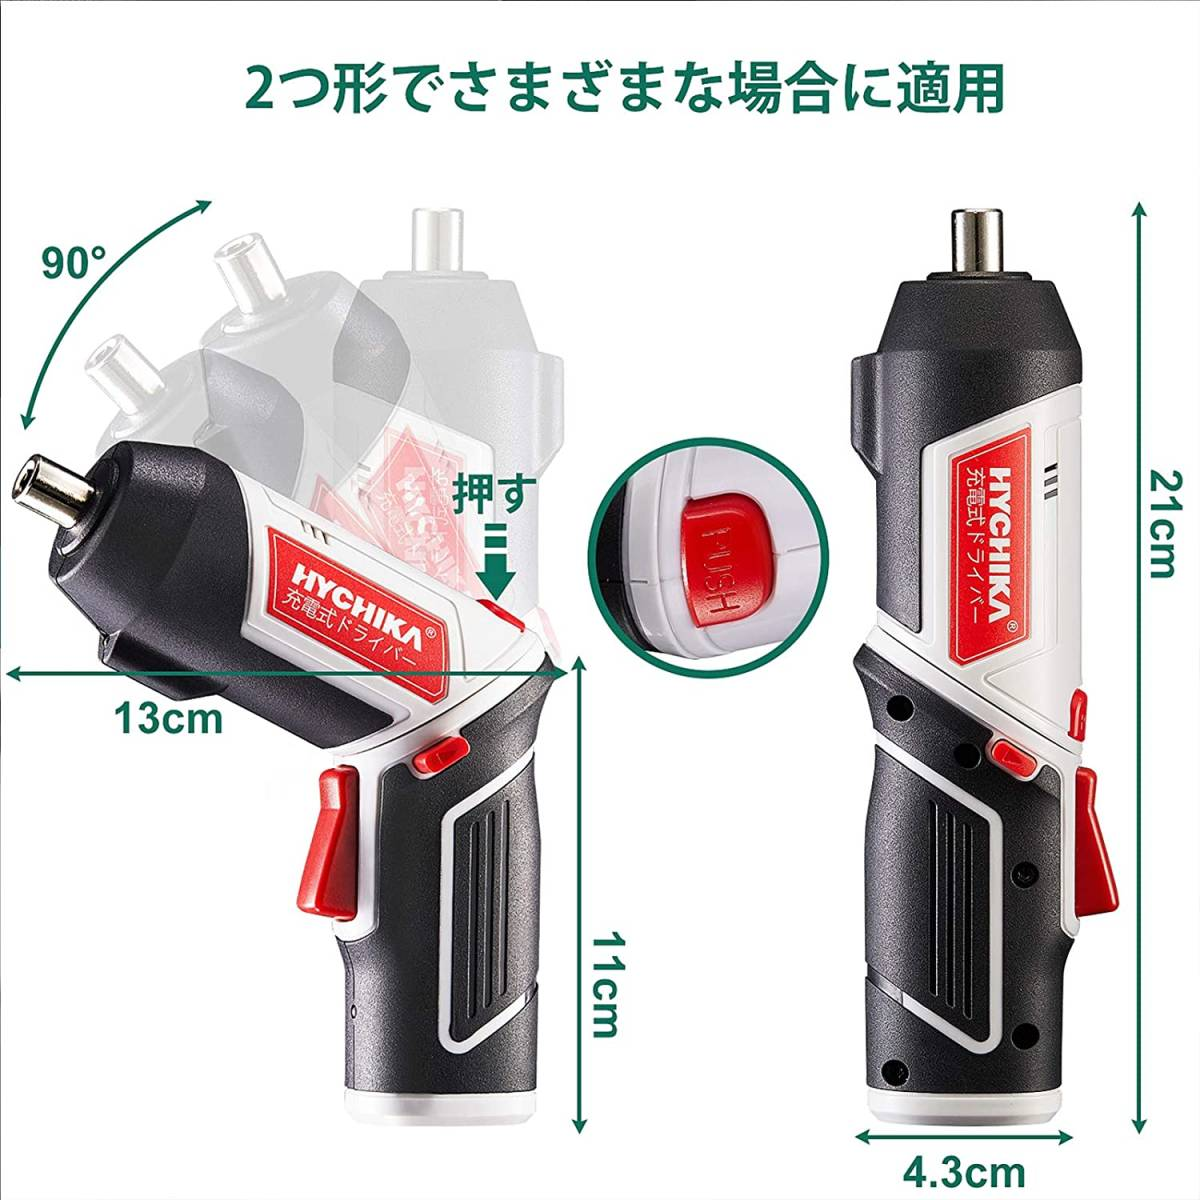 電動ドライバー HYCHIKA(ハイチカ) 充電式ドライバーセット トルク6Nm 3.6V2.0Ah大容量 正逆転切り替え LEDライト 充電器付き 20本ビット_画像5